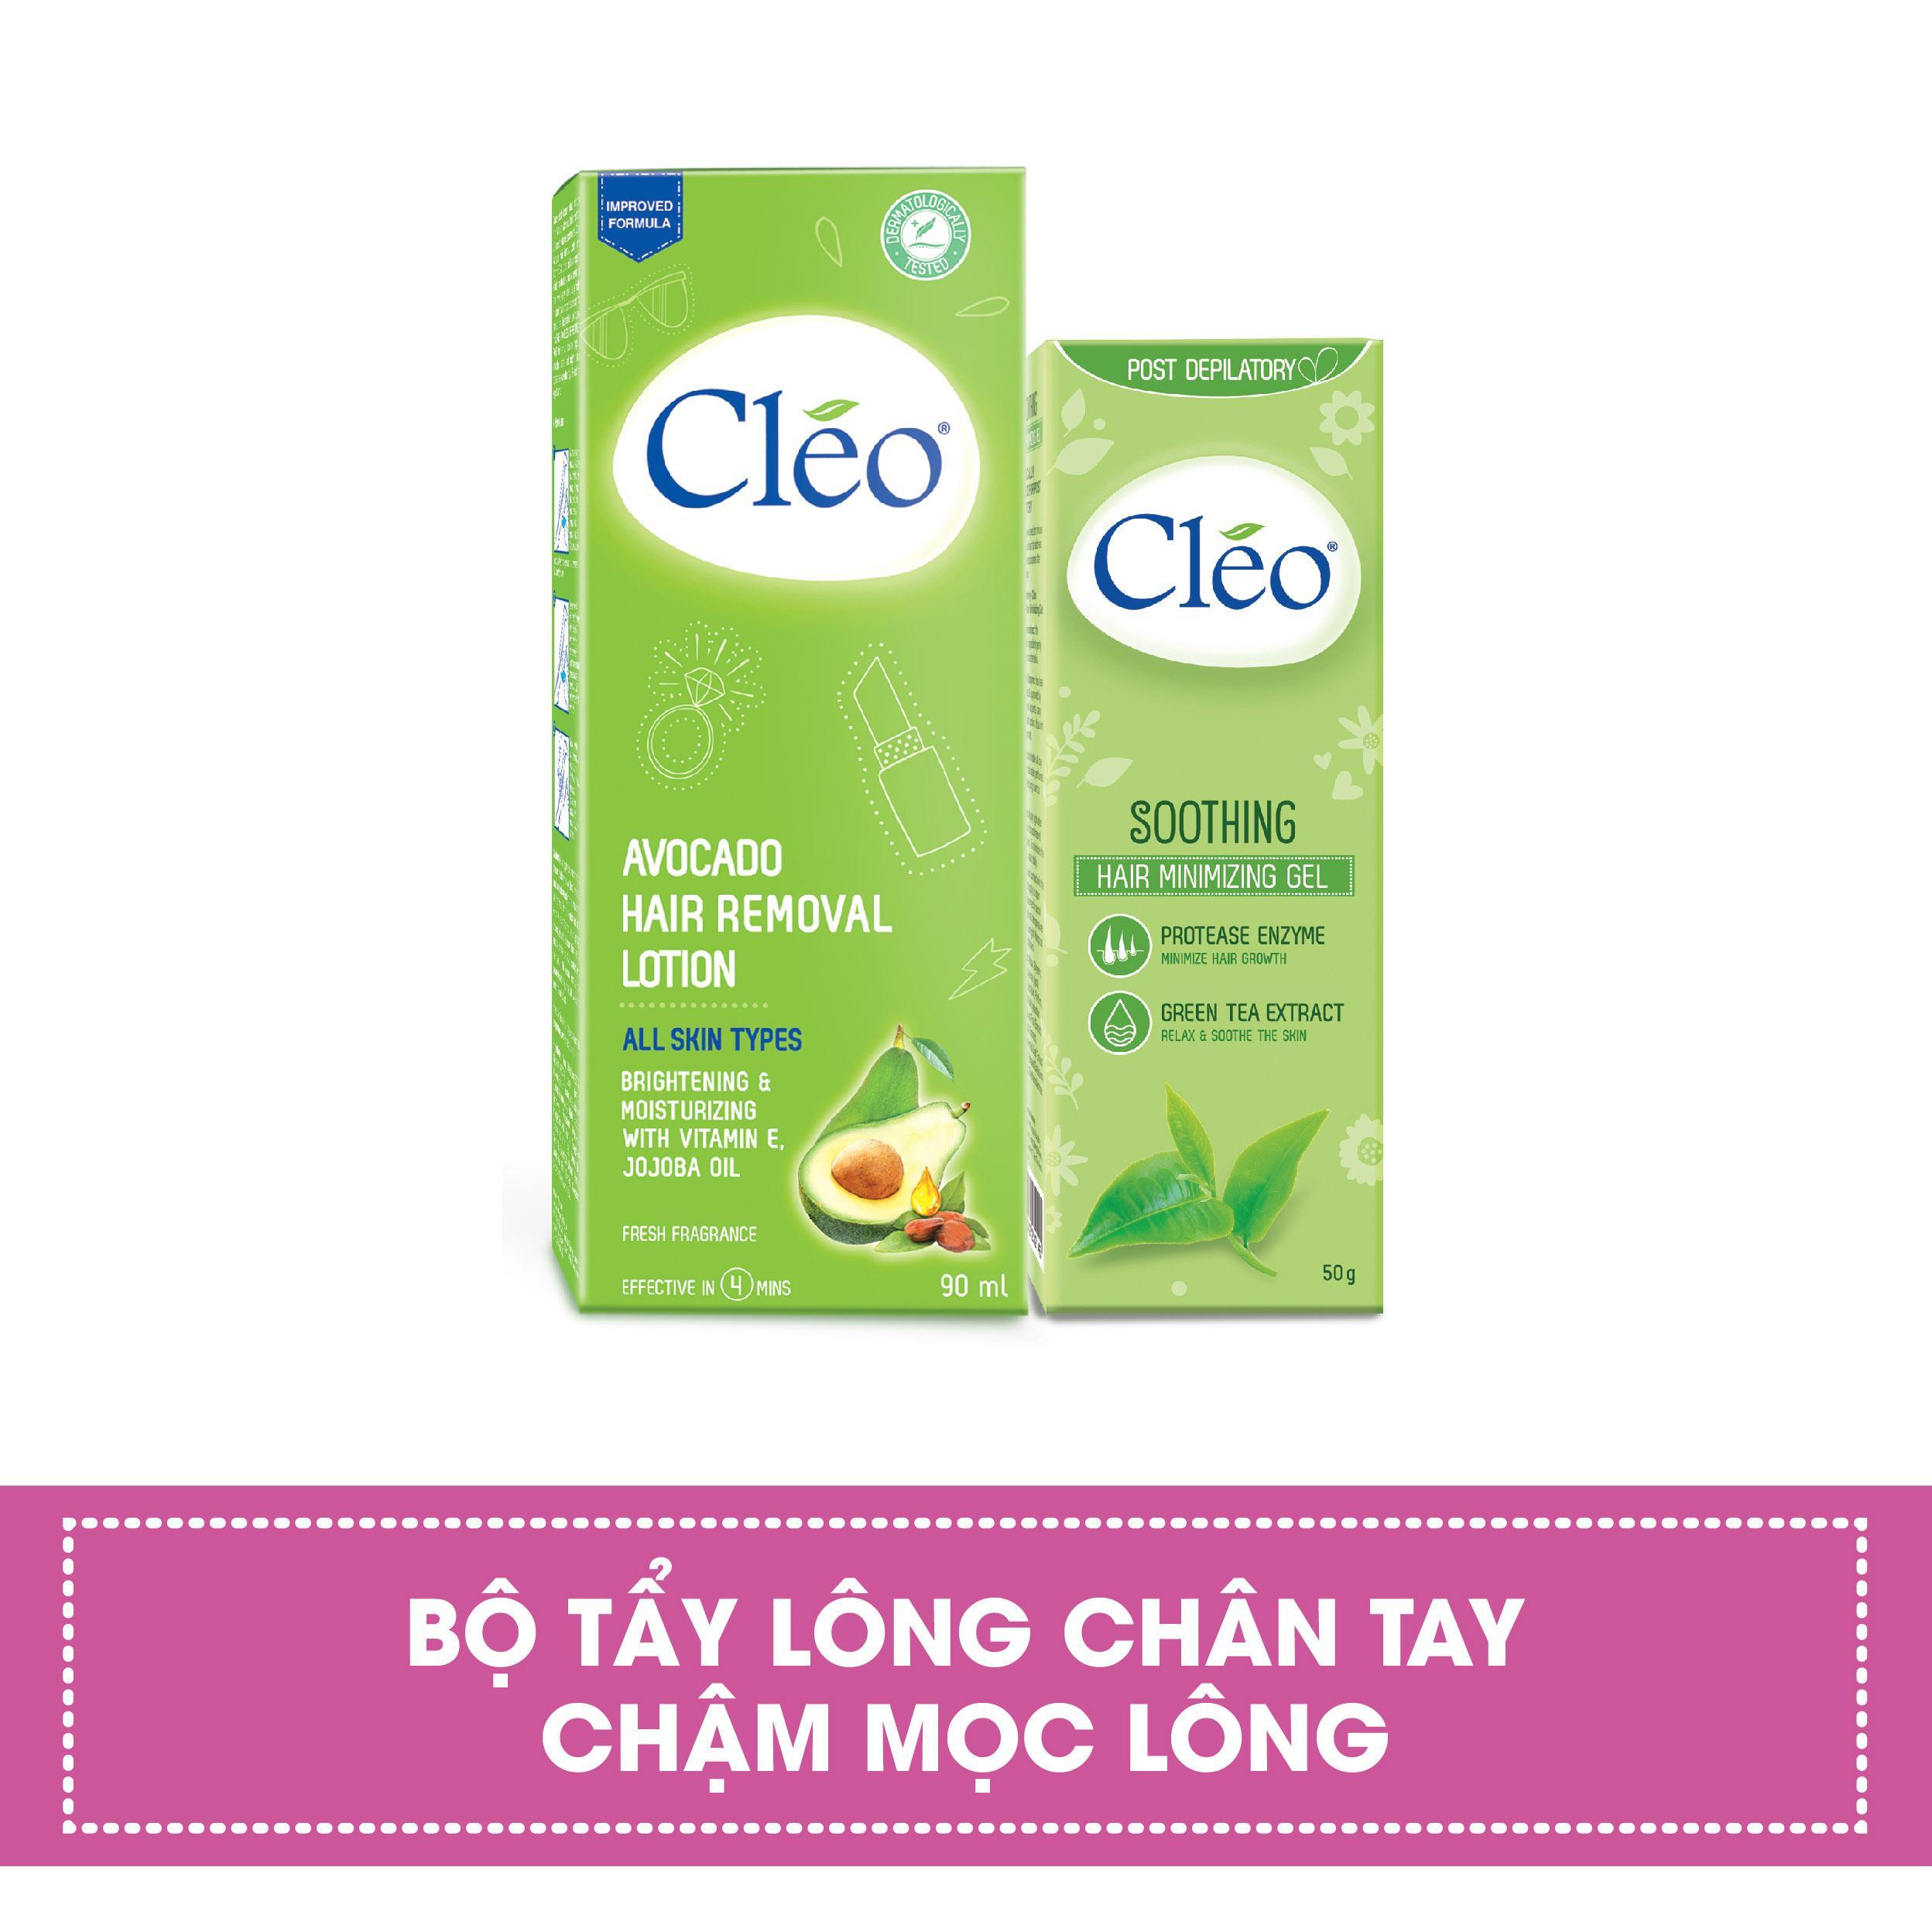 Combo Lotion Tẩy Lông Cleo Avocado 90ml + Gel Dịu Da Sau Tẩy Lông Cléo Giúp Chậm Mọc Lông (50g) tốt nhất